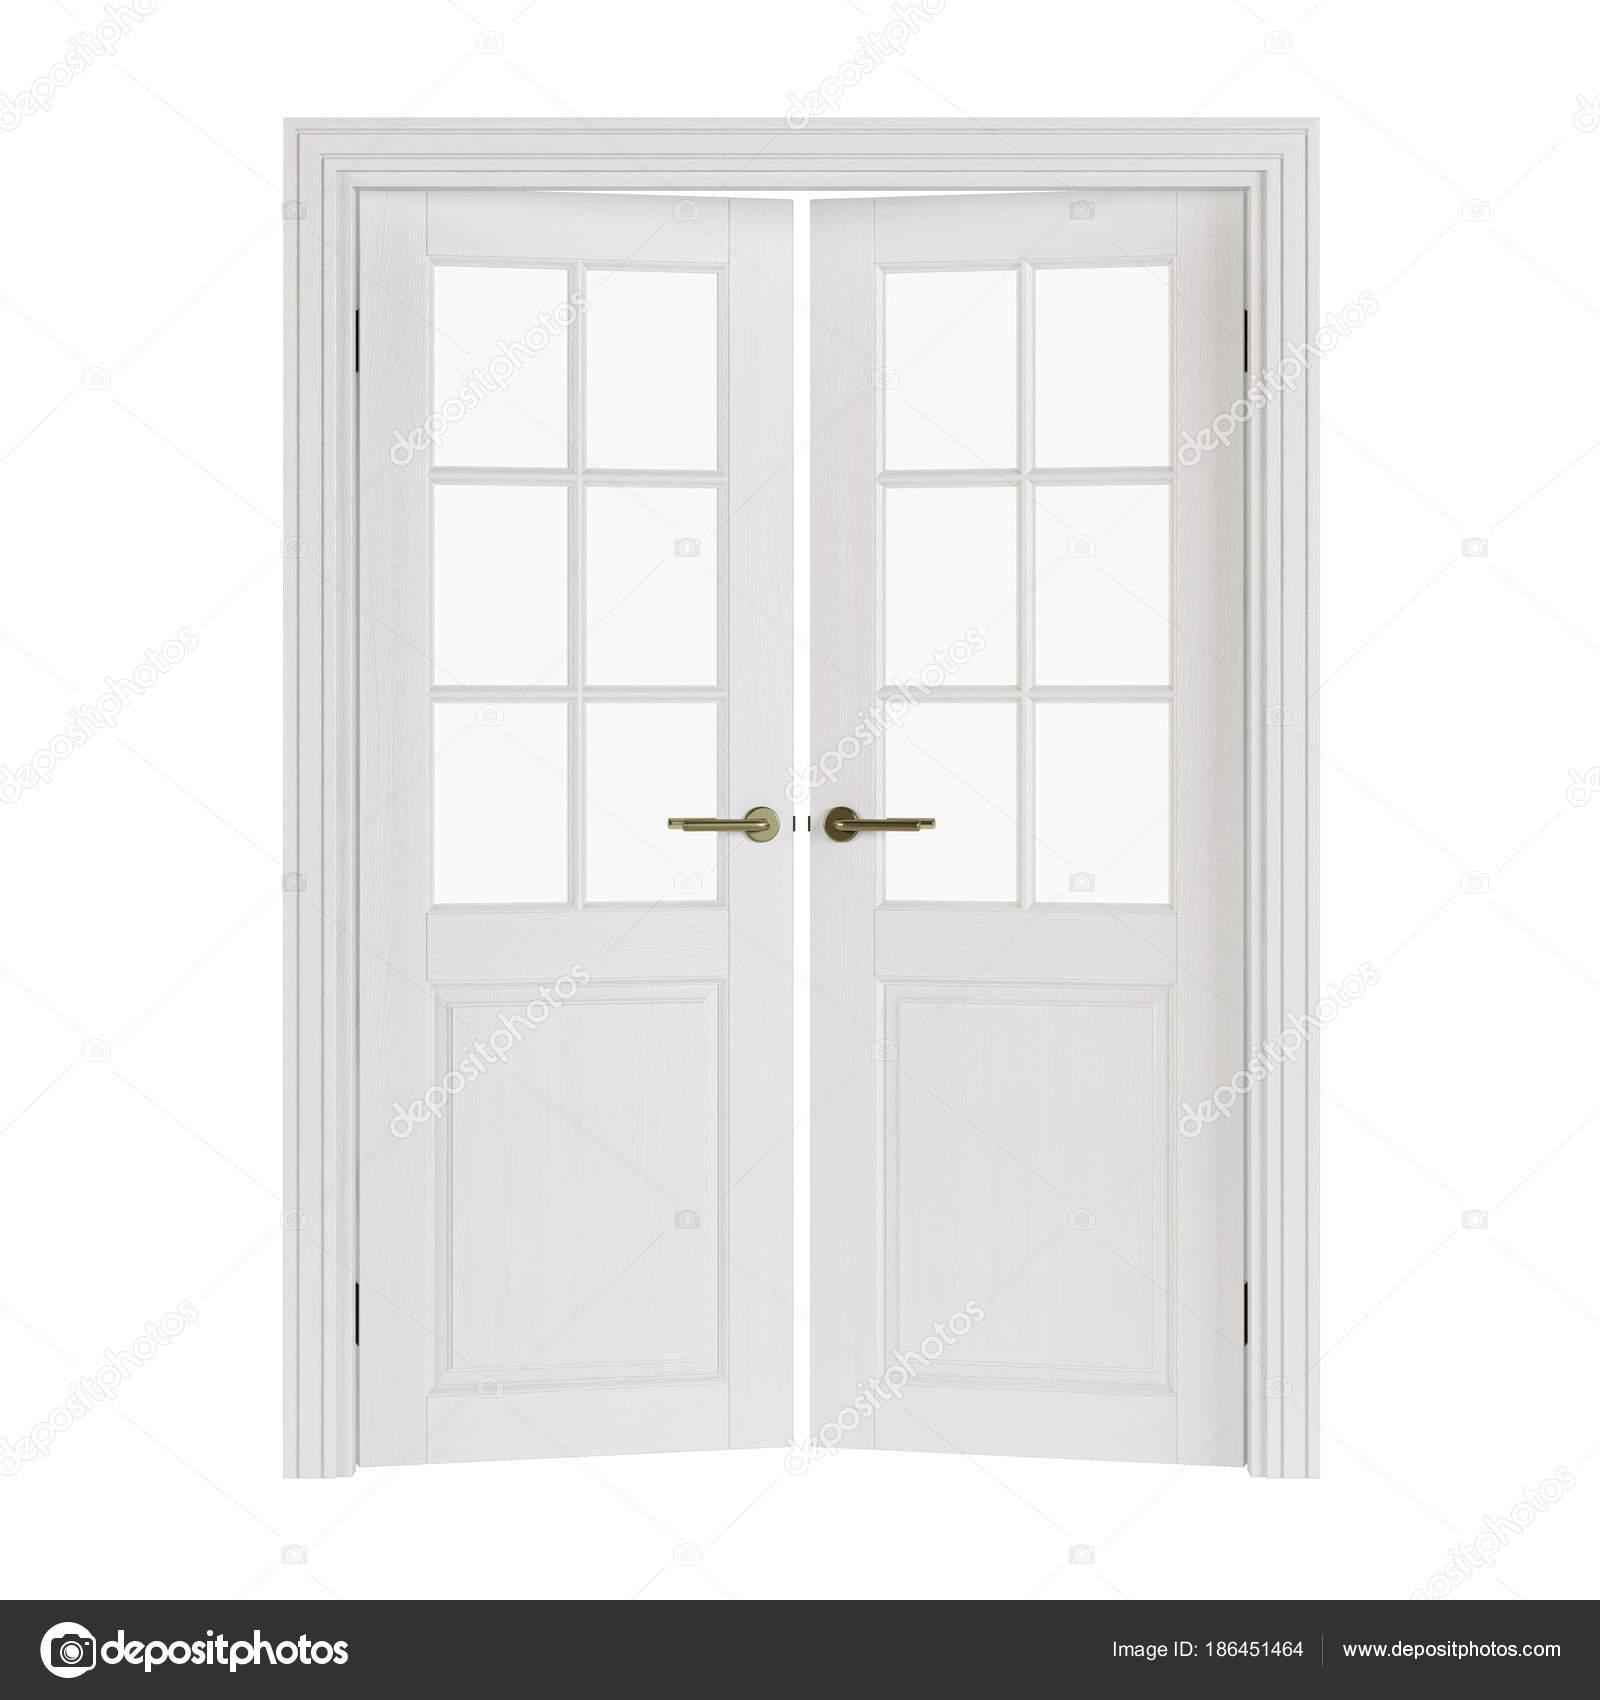 Zweiflügelige Türen Mit Glas Innentüren Isoliert Auf Weißem ...